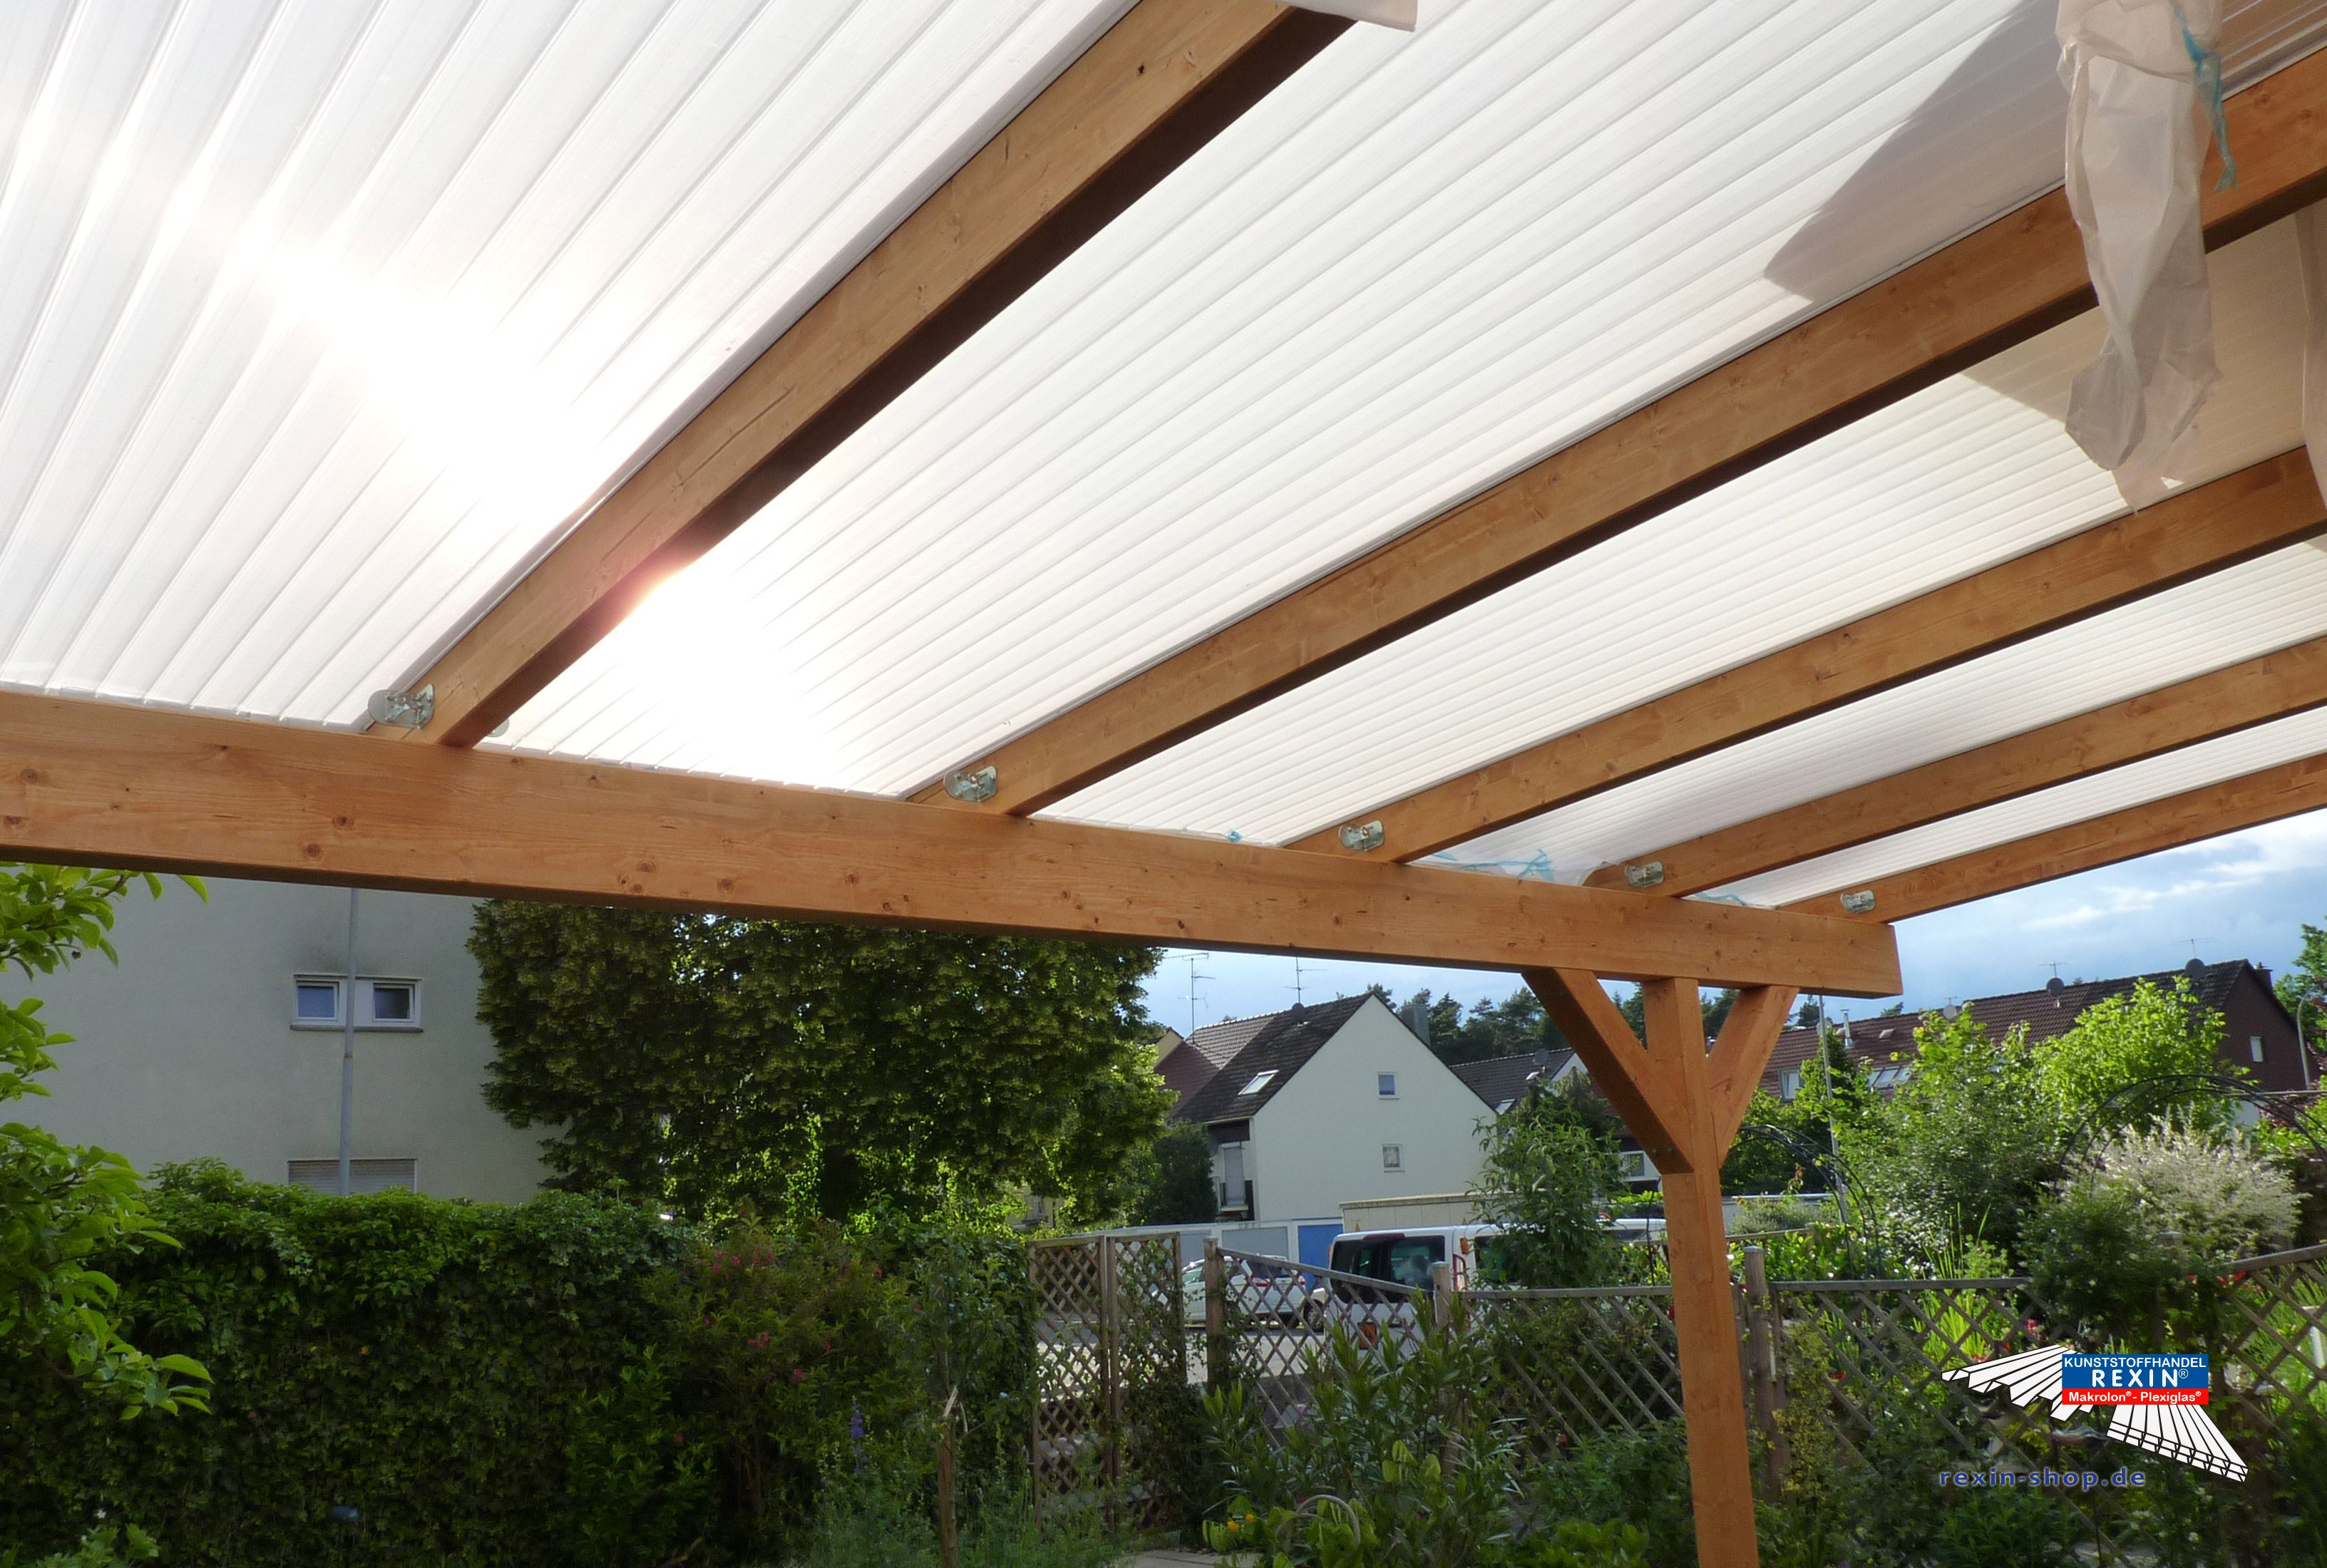 Holz 3m latest bridgelamp lampe aus patiniertem holz und for Esstisch 3m lang